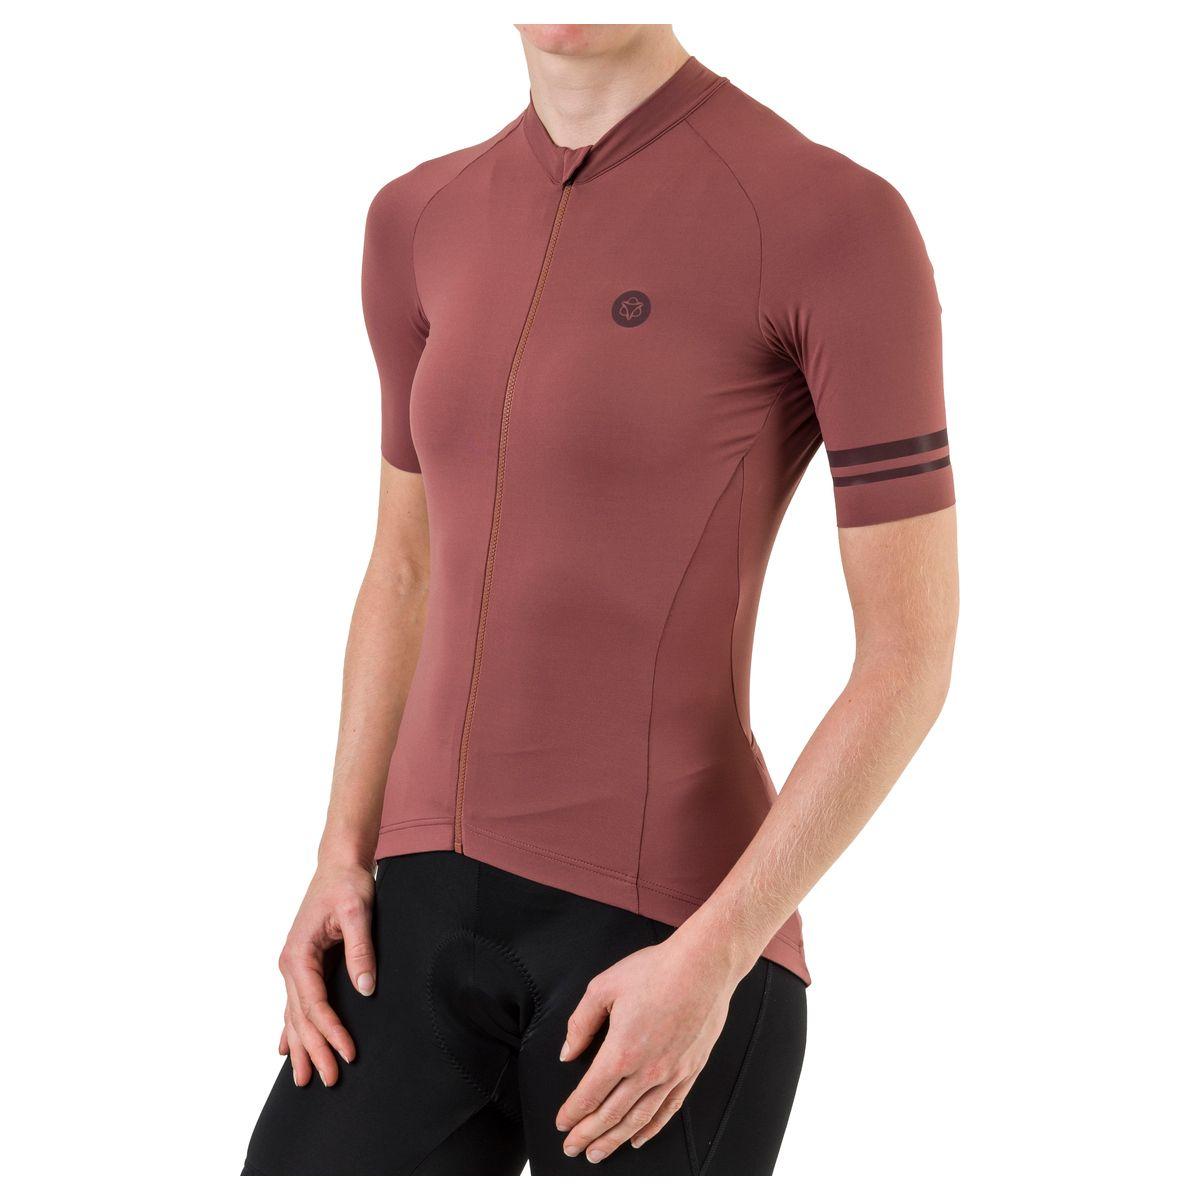 Solid Fietsshirt II Trend Dames fit example